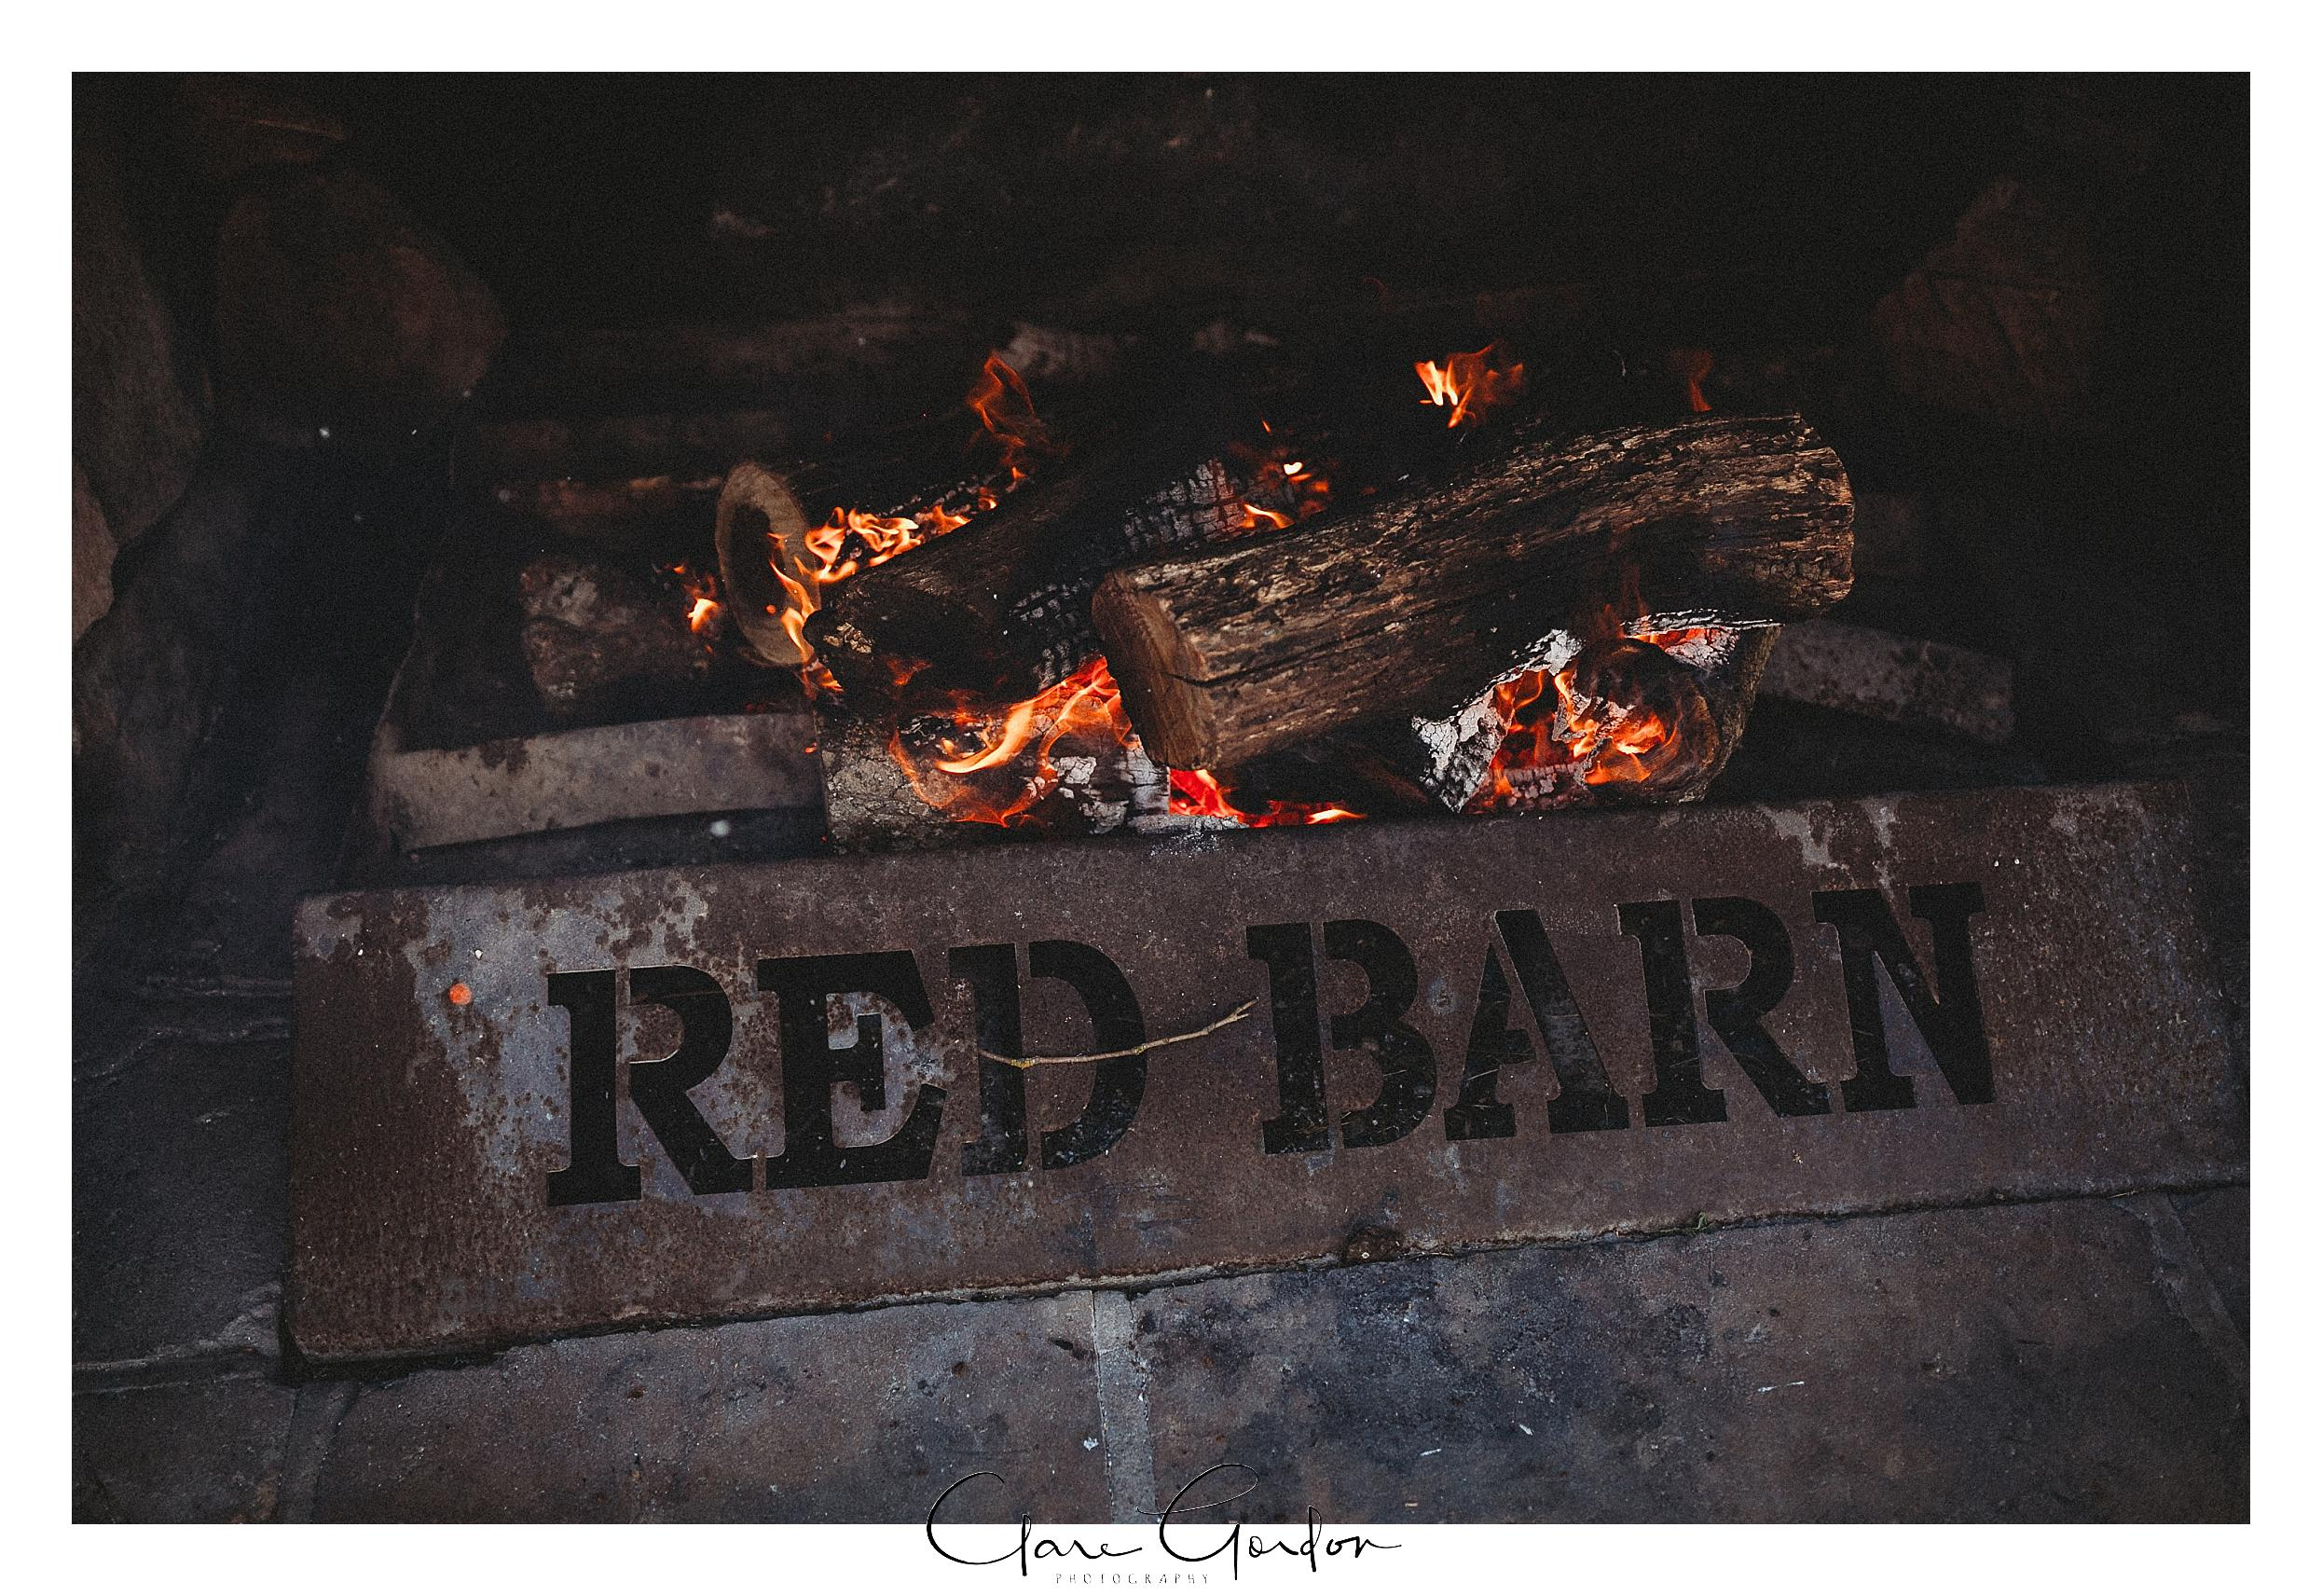 The-Red-Barn-Waikato-NZ.jpg